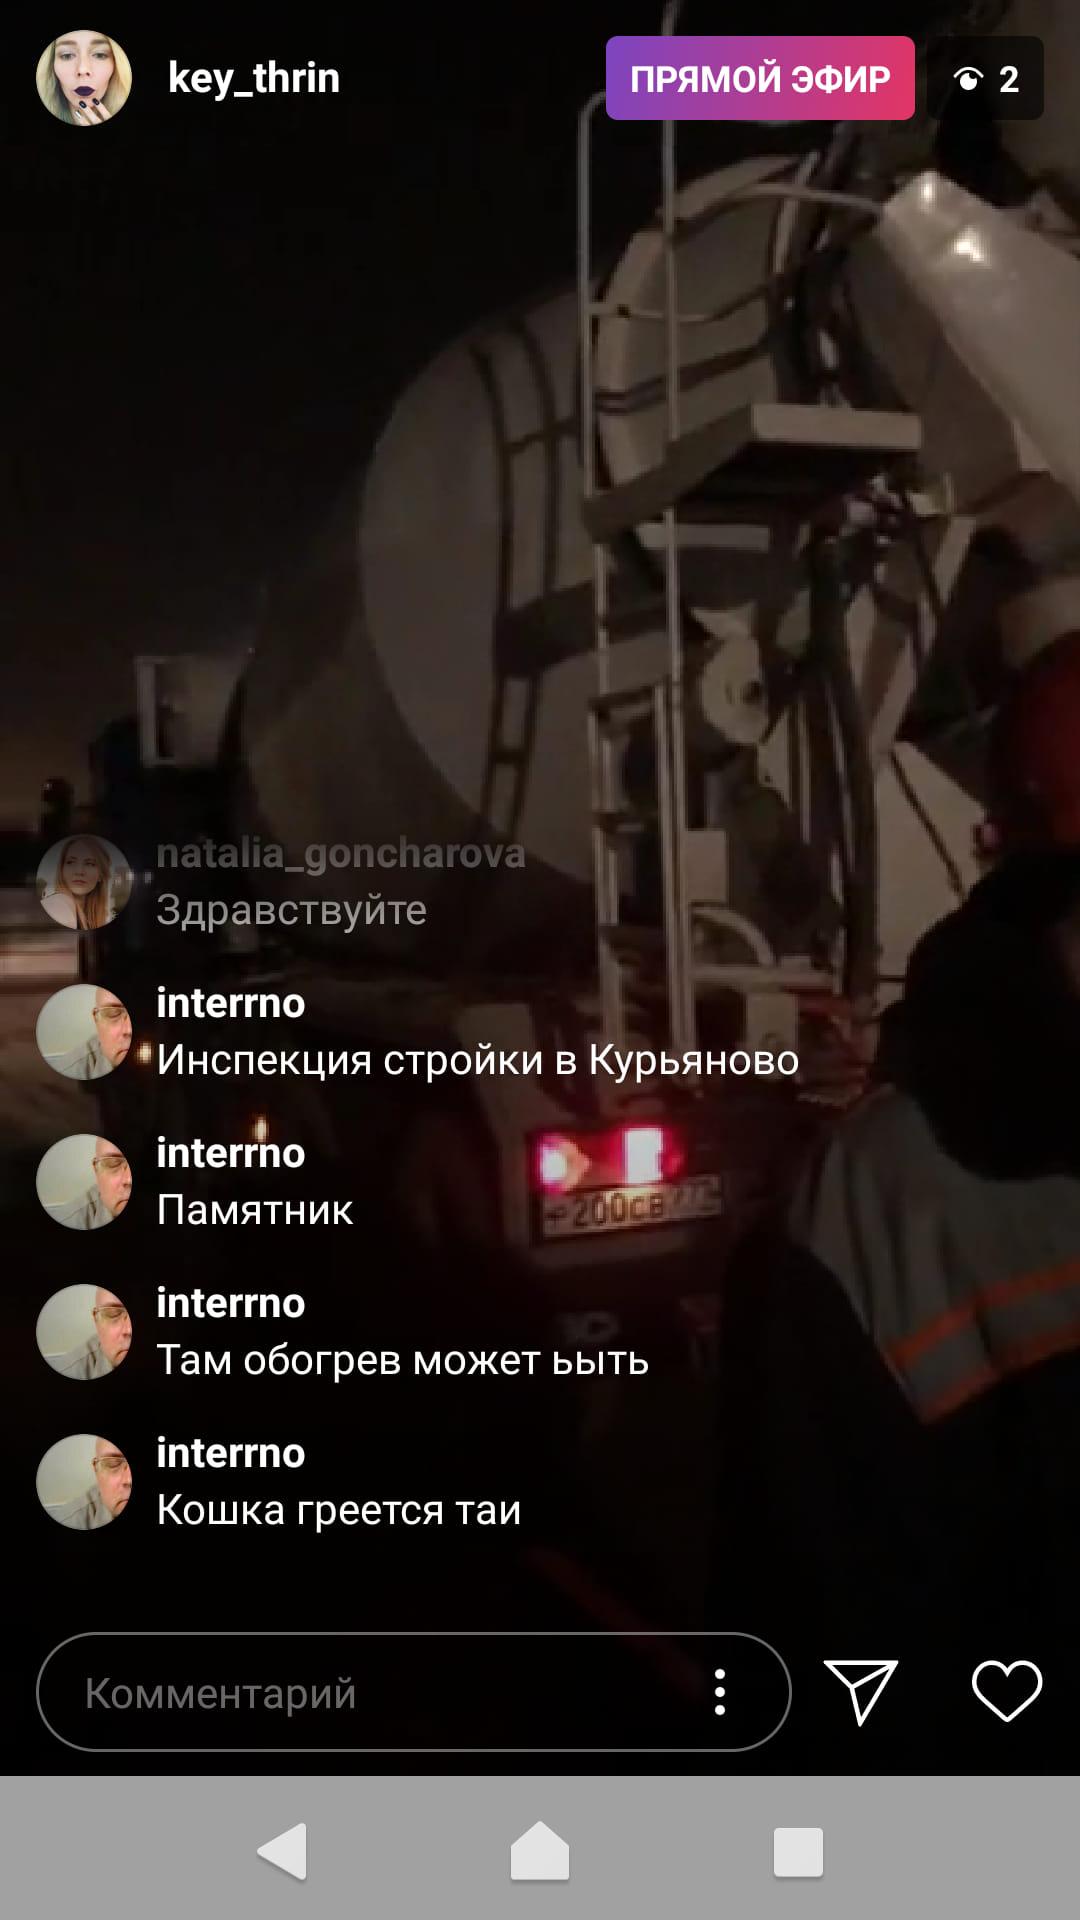 Прямой эфир в Инстаграмм Екатерины Максимовой с ночной инспекции стройки в Курьяново.